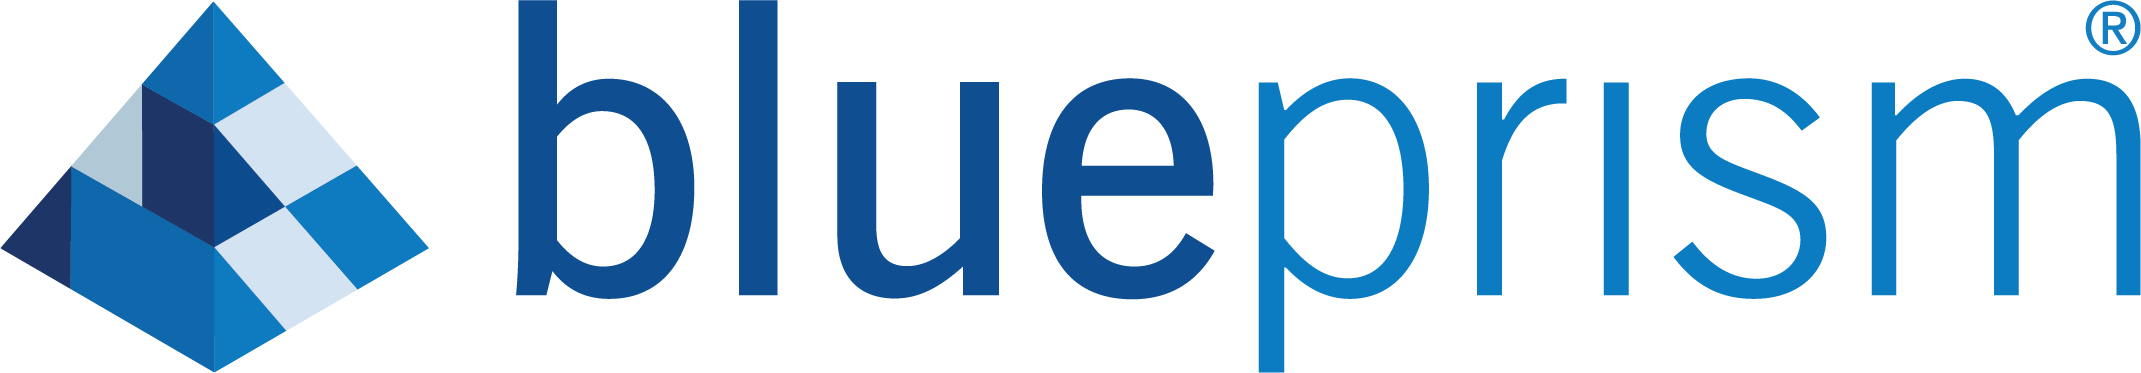 Blue Prism、Thoughtonomy買収を完了し、インテリジェントオートメーションとクラウドデリバリーの能力を ...